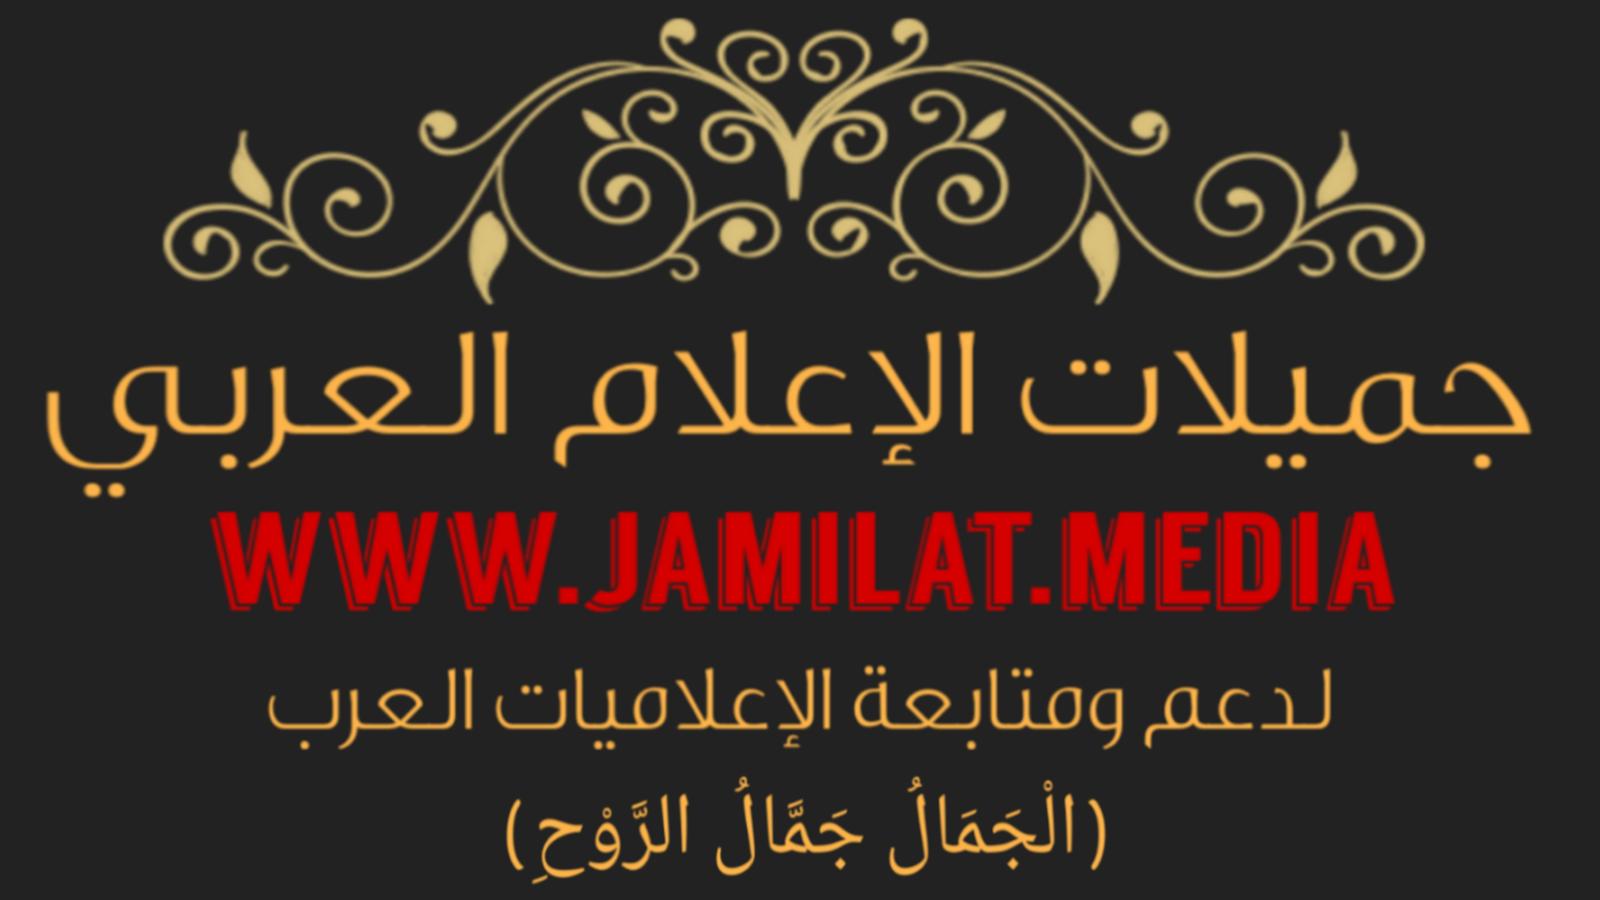 جميلات الإعلام العربي